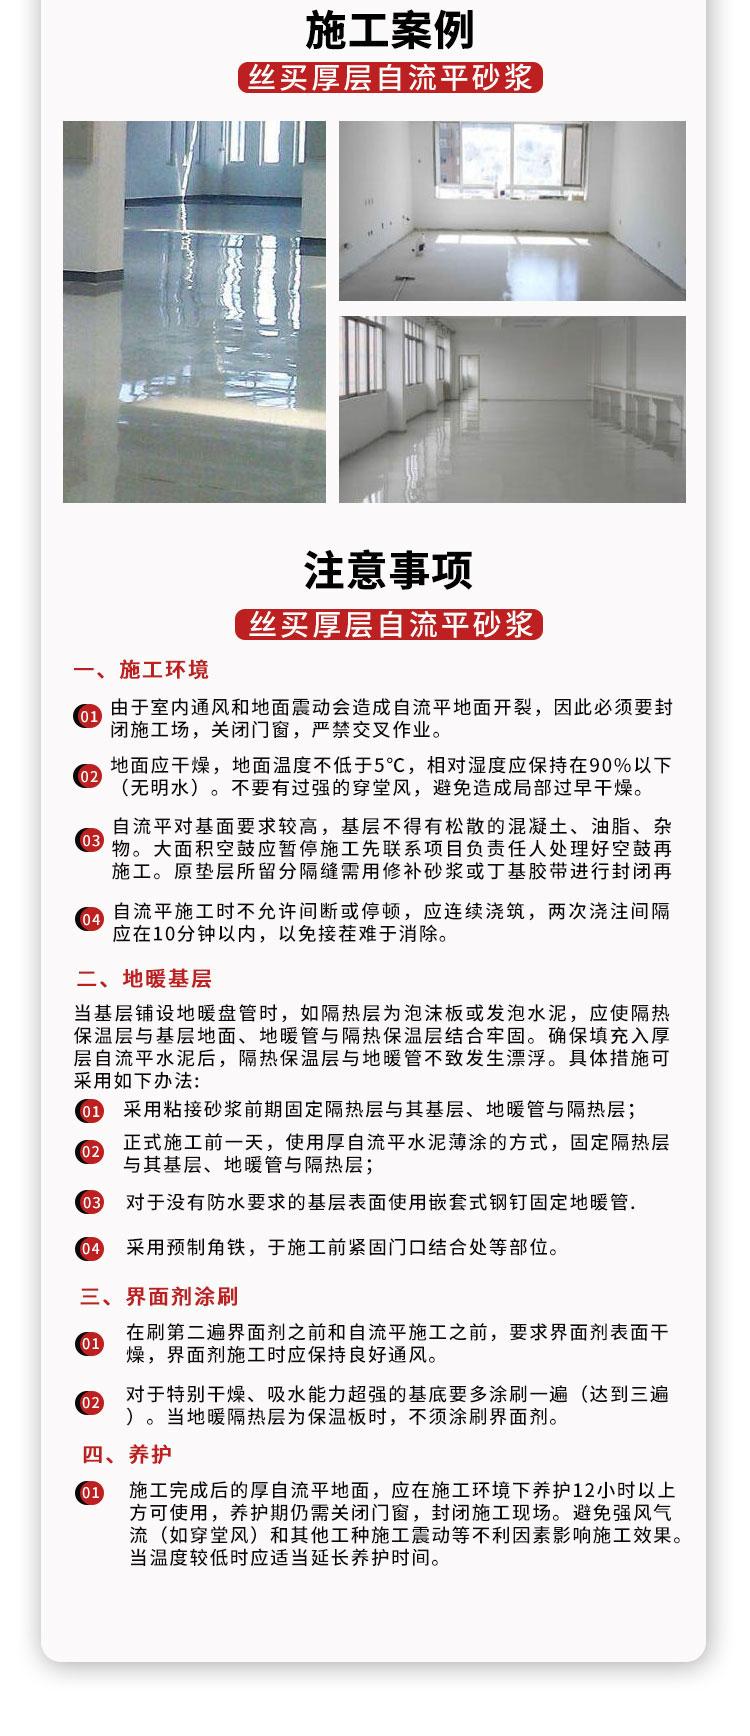 上海石膏自流平砂浆厂家-上海石膏基自流平砂浆配方和技术说明-石膏基自流平施工工艺